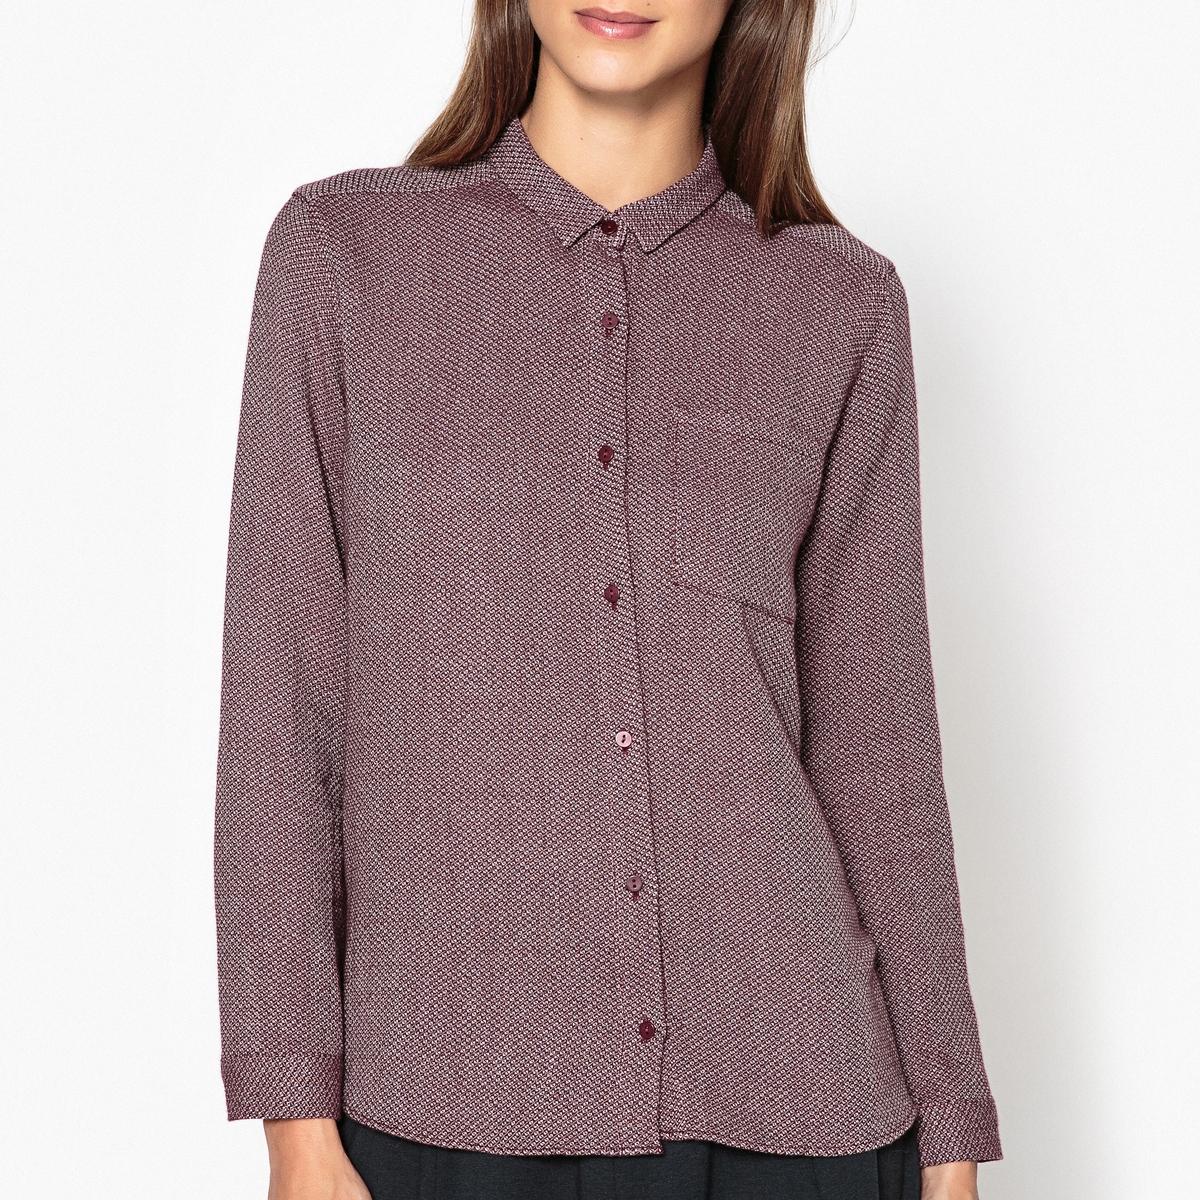 Рубашка из 100% хлопка CASILEРубашка с длинными рукавами HARRIS WILSON - модель CASILDE из жаккардовой двухцветной ткани из 100% хлопка.Описание •  Длинные рукава  •  Прямой покрой  •  Воротник-поло, рубашечный Состав и уход •  100% хлопок  •  Следуйте рекомендациям по уходу, указанным на этикетке изделия   •  Карман на груди •  Манжеты на пуговицах •  Низ слегка закругленный •  Складки сзади.Характеристики<br><br>Цвет: синий/ белый,сливовый<br>Размер: L.размерXL.M